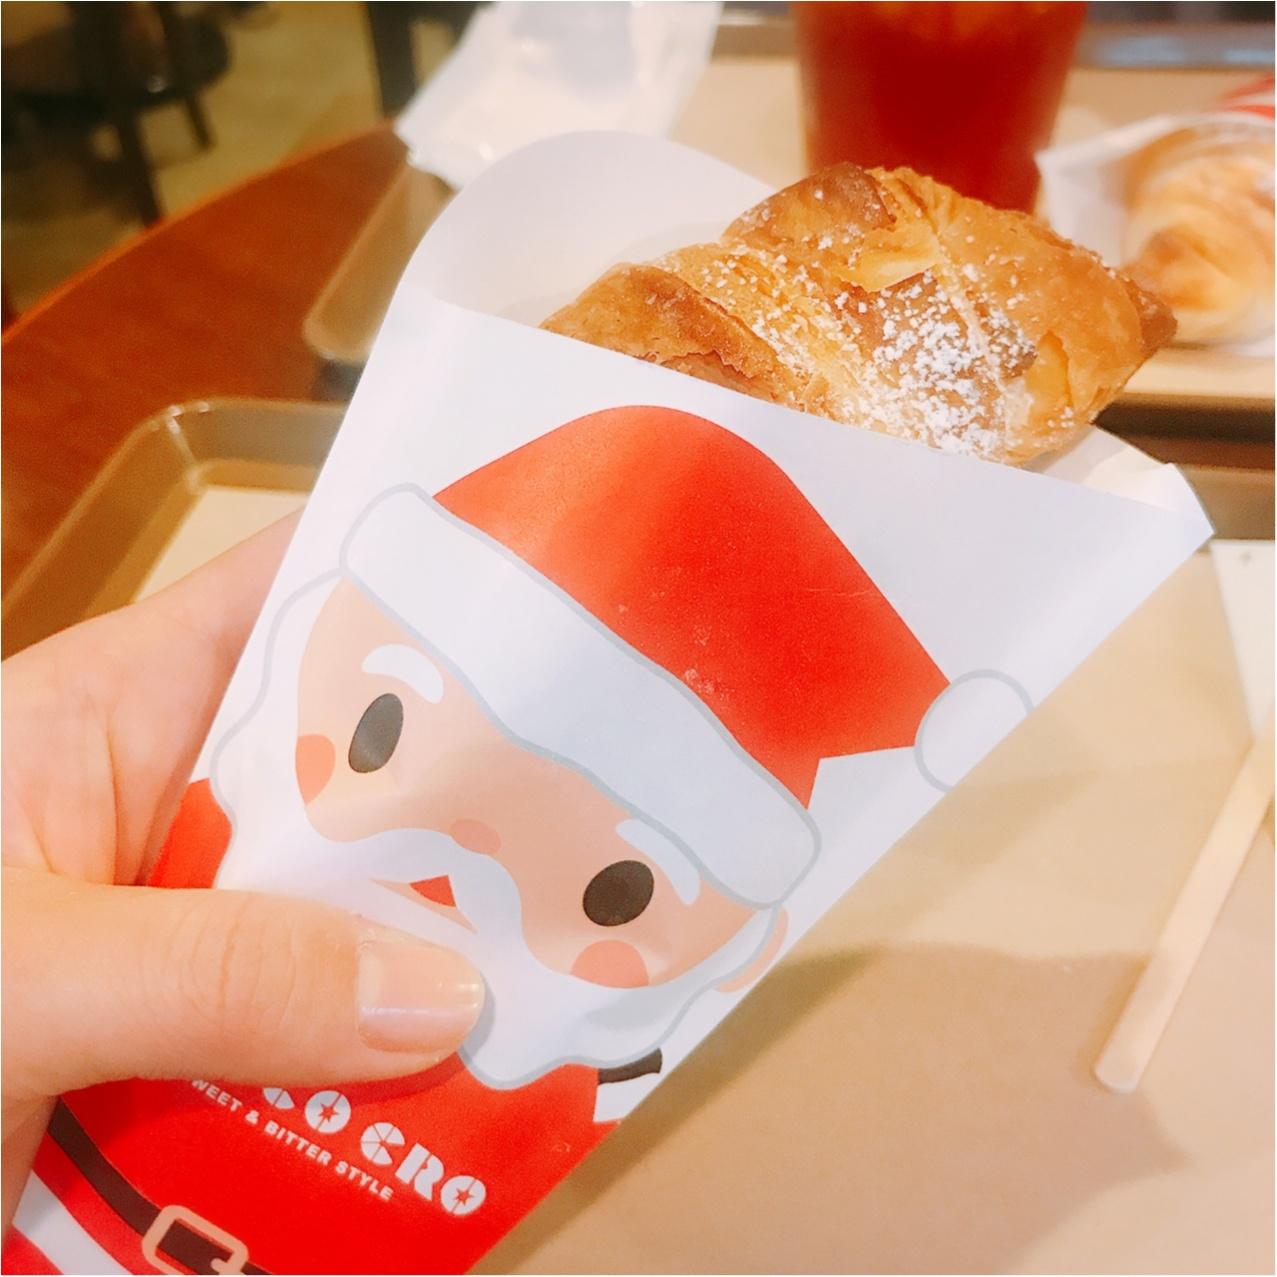 季節限定パッケージにも注目♪《サンマルクカフェ》のホワイトチョコクロでほっこりティータイム♡_1